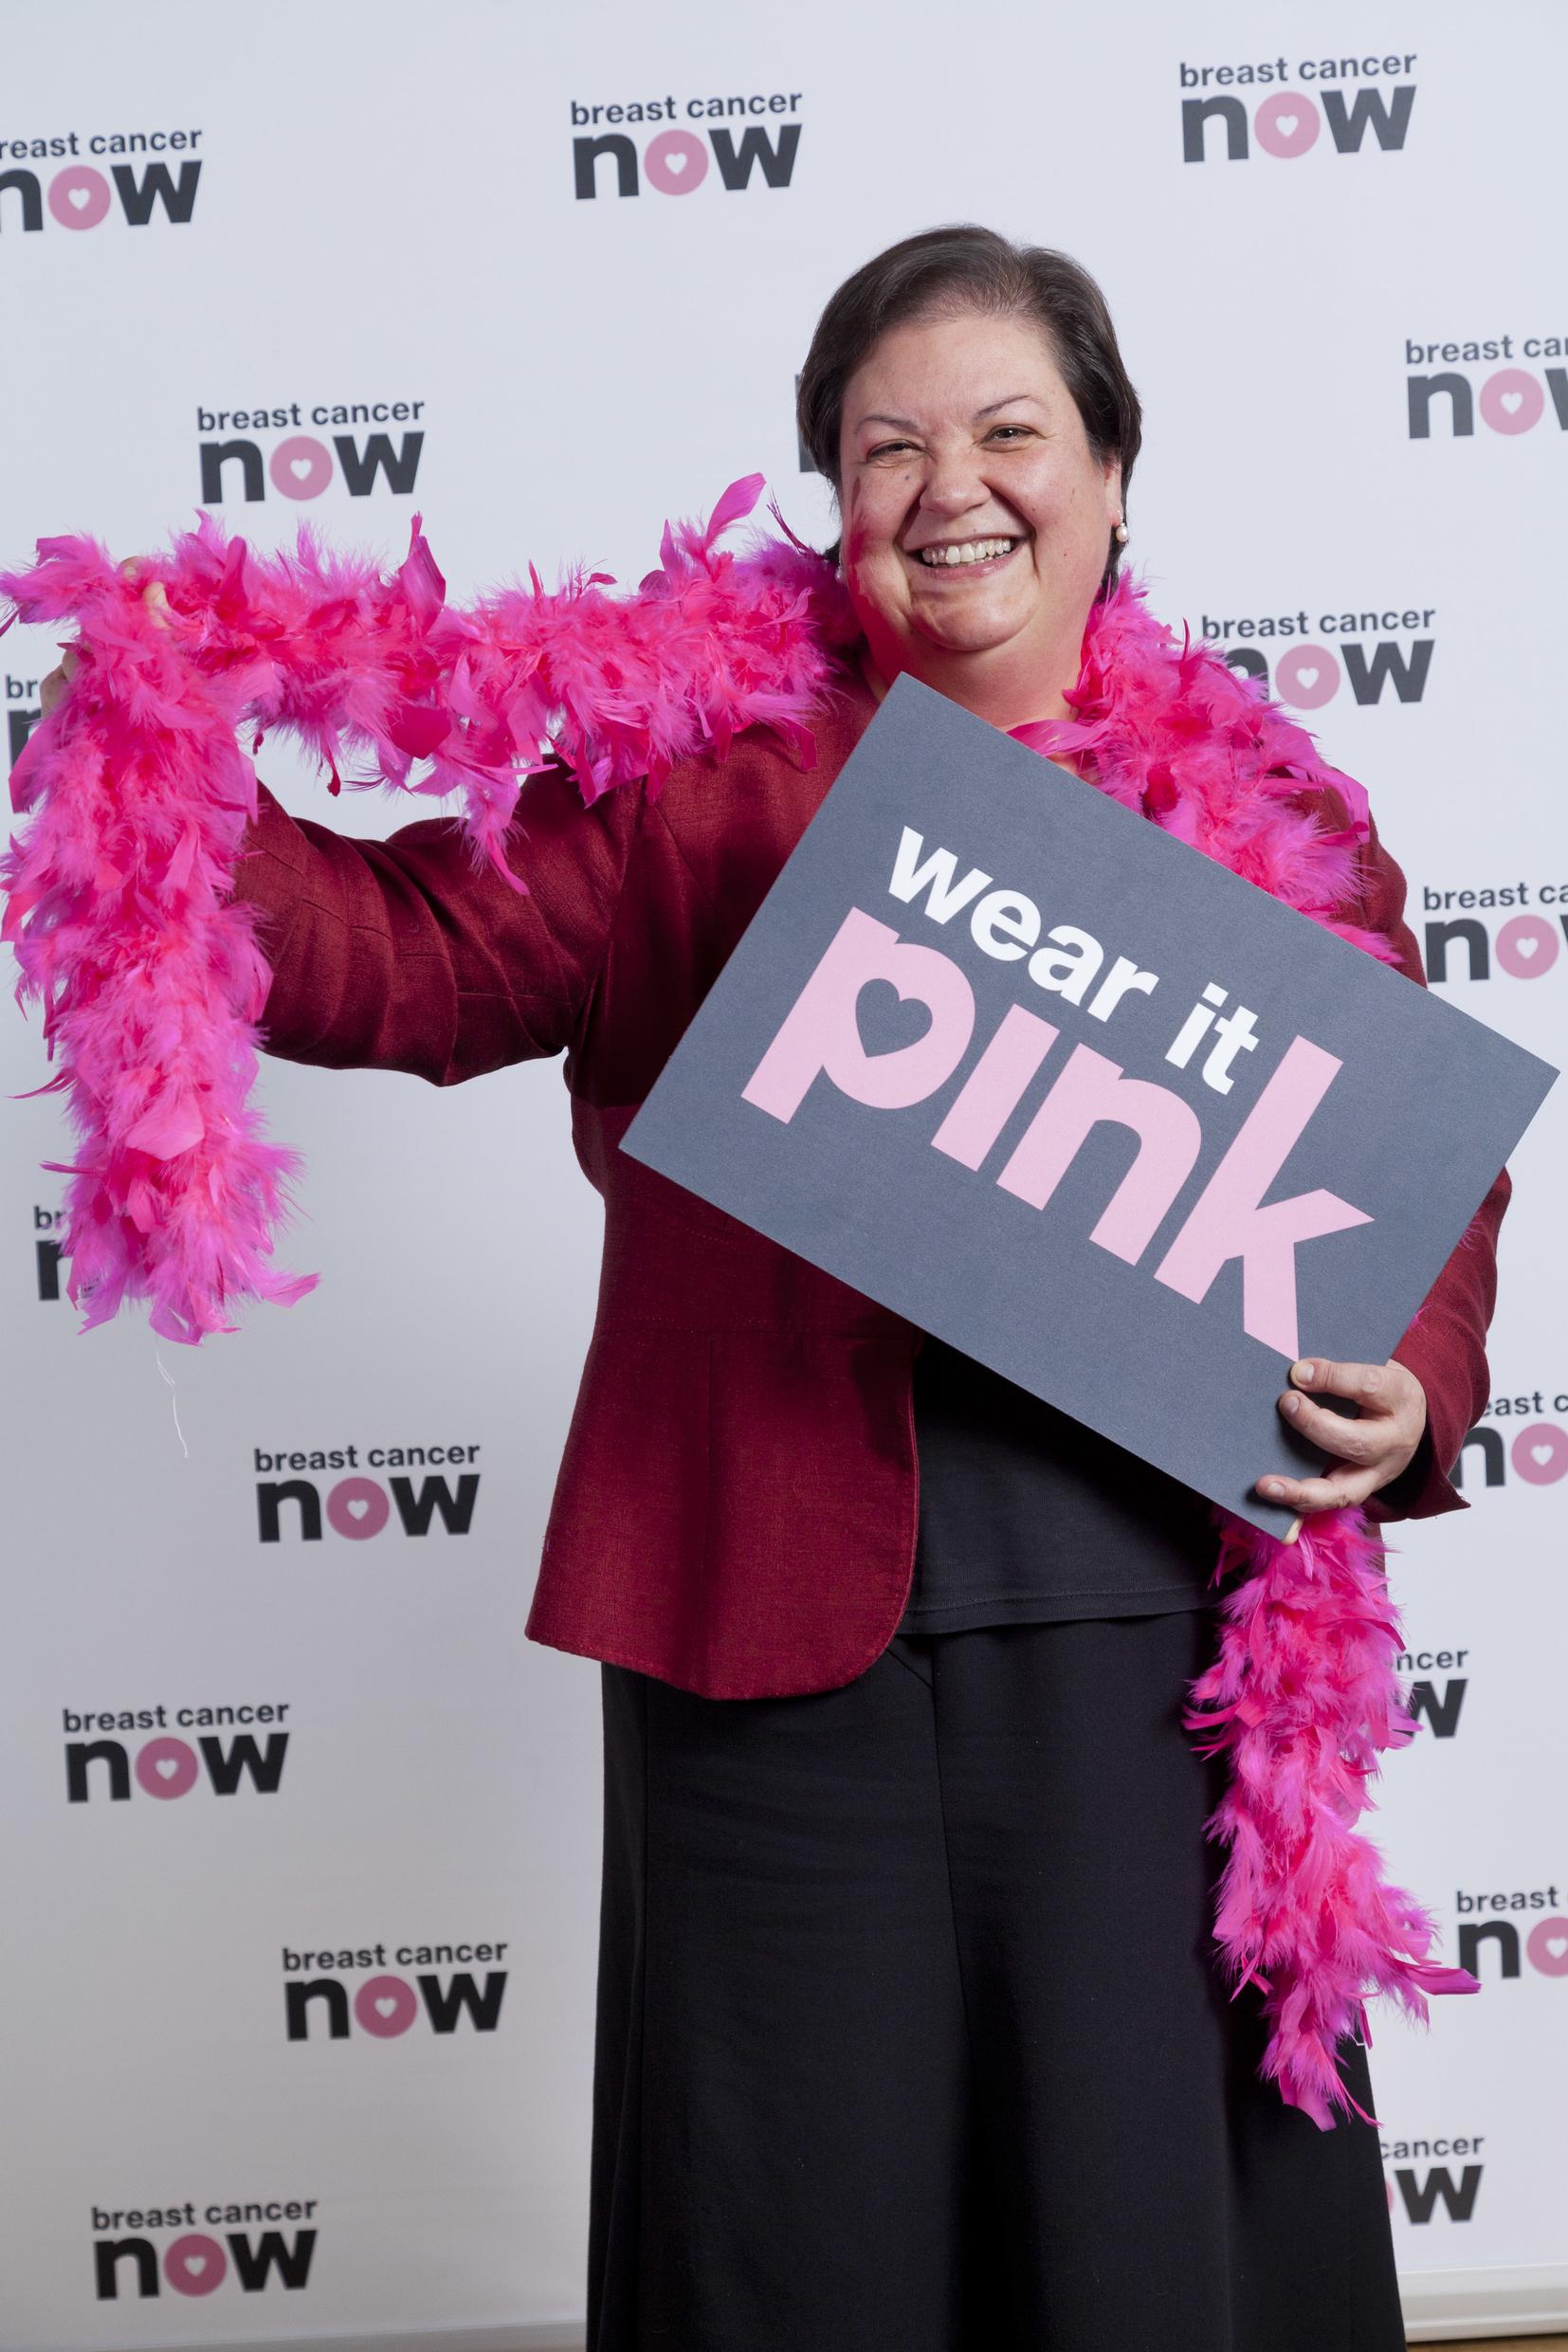 wear_it_pink.jpg